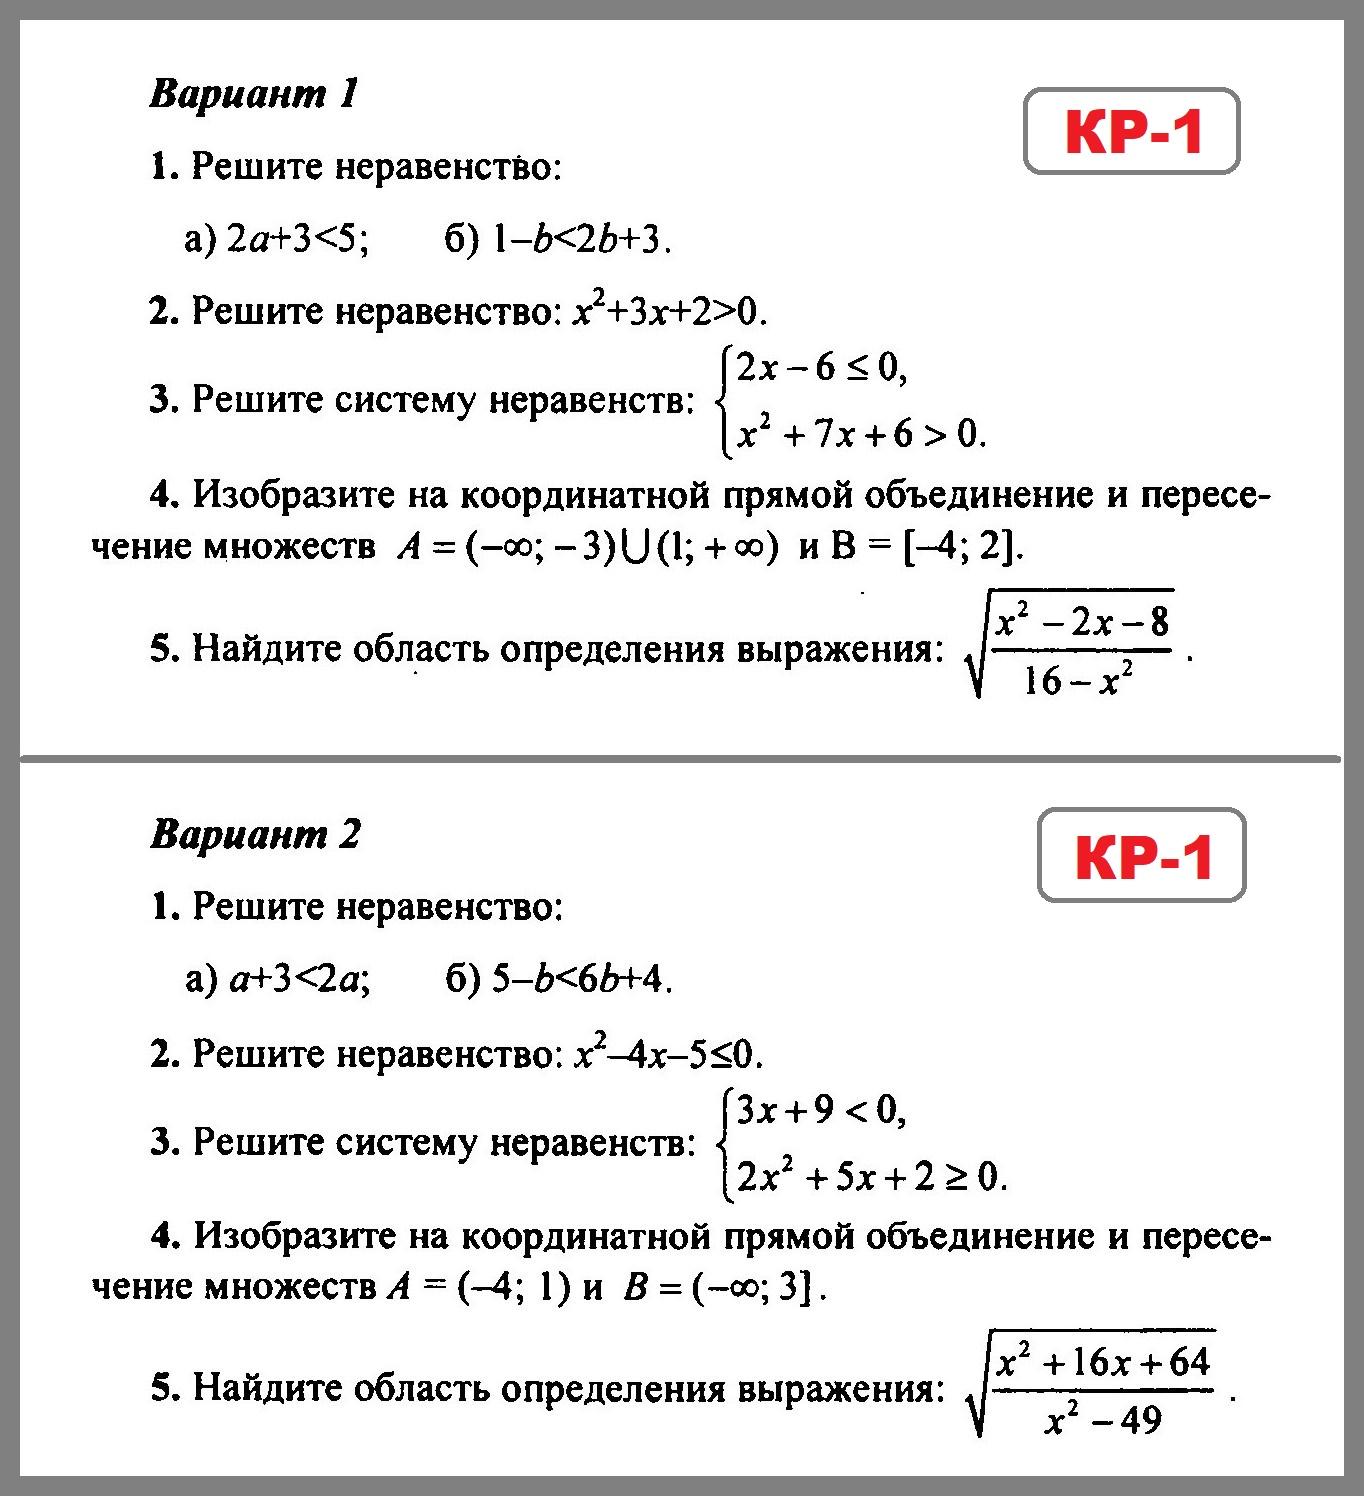 9 кл алгебра мордкович контрольные работы 4173